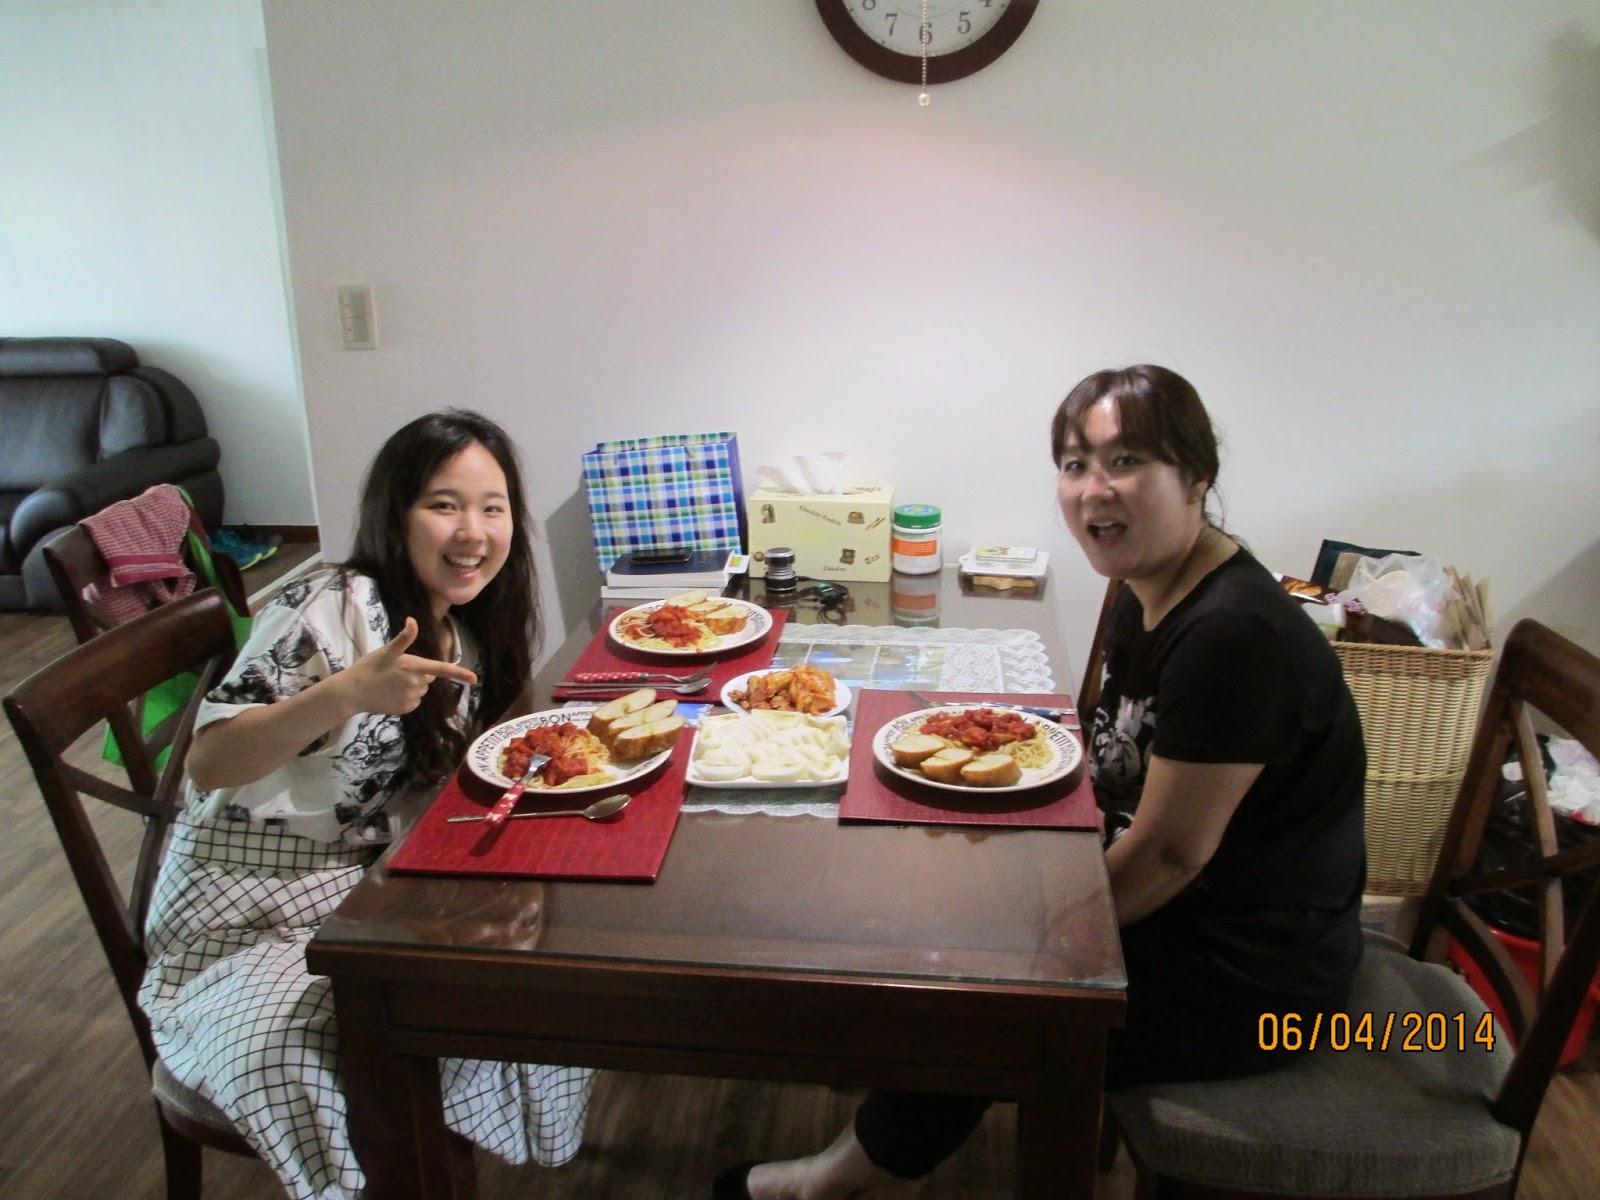 spaghetti lunch (notice the kimchi)